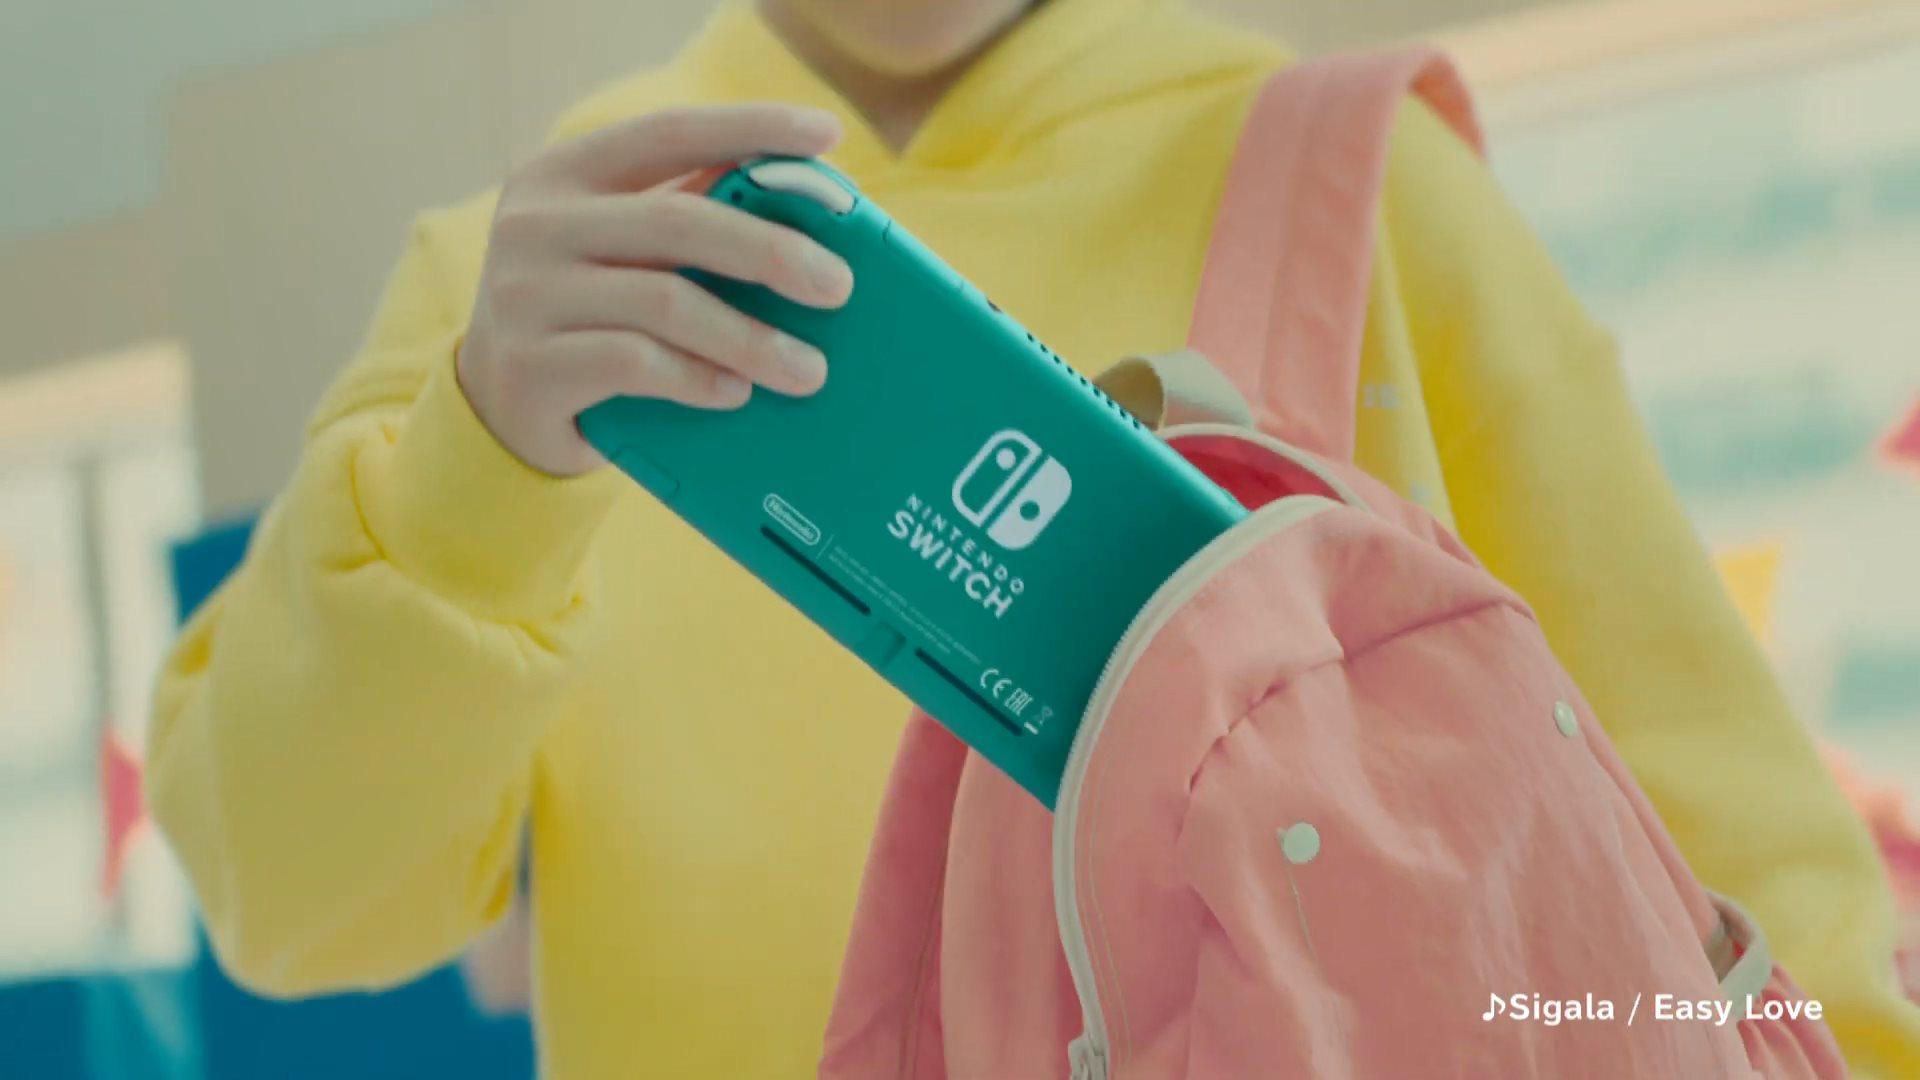 Switch Lite宣传片强调便携性 大量 《宝可梦:剑盾》 画面曝光